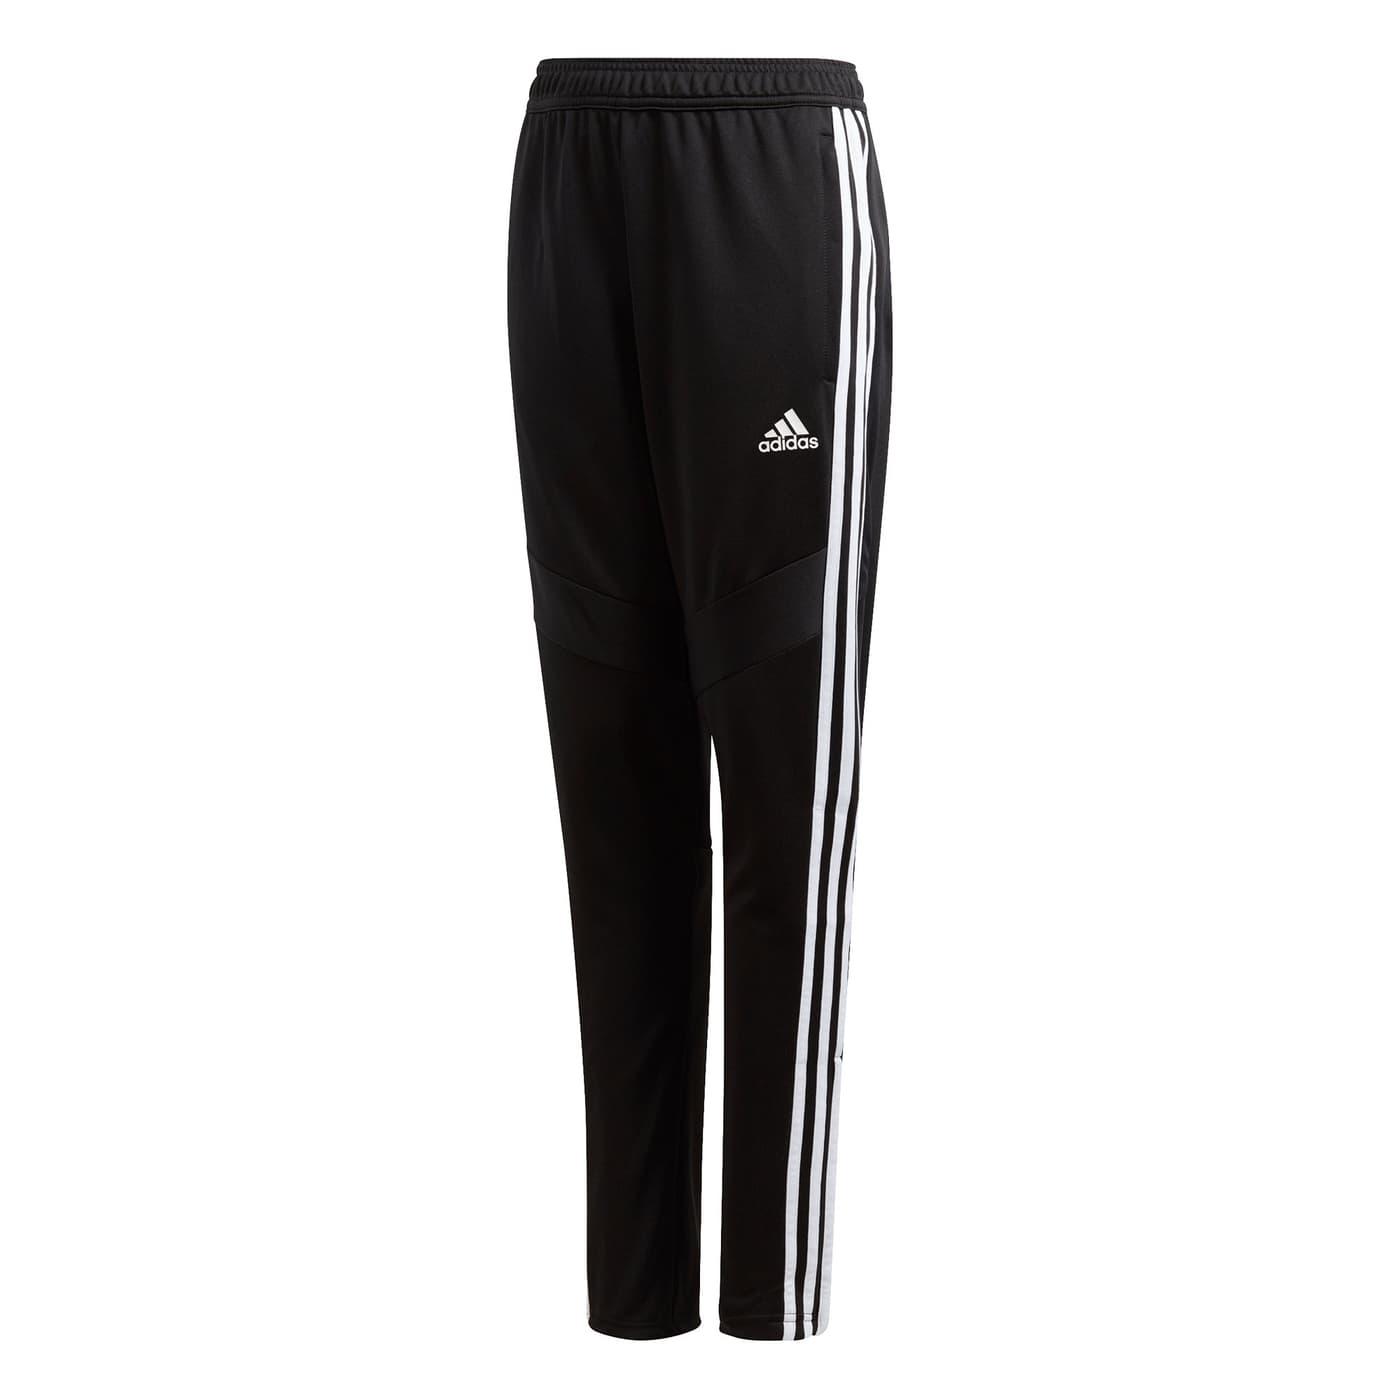 adidas calcio pantaloni